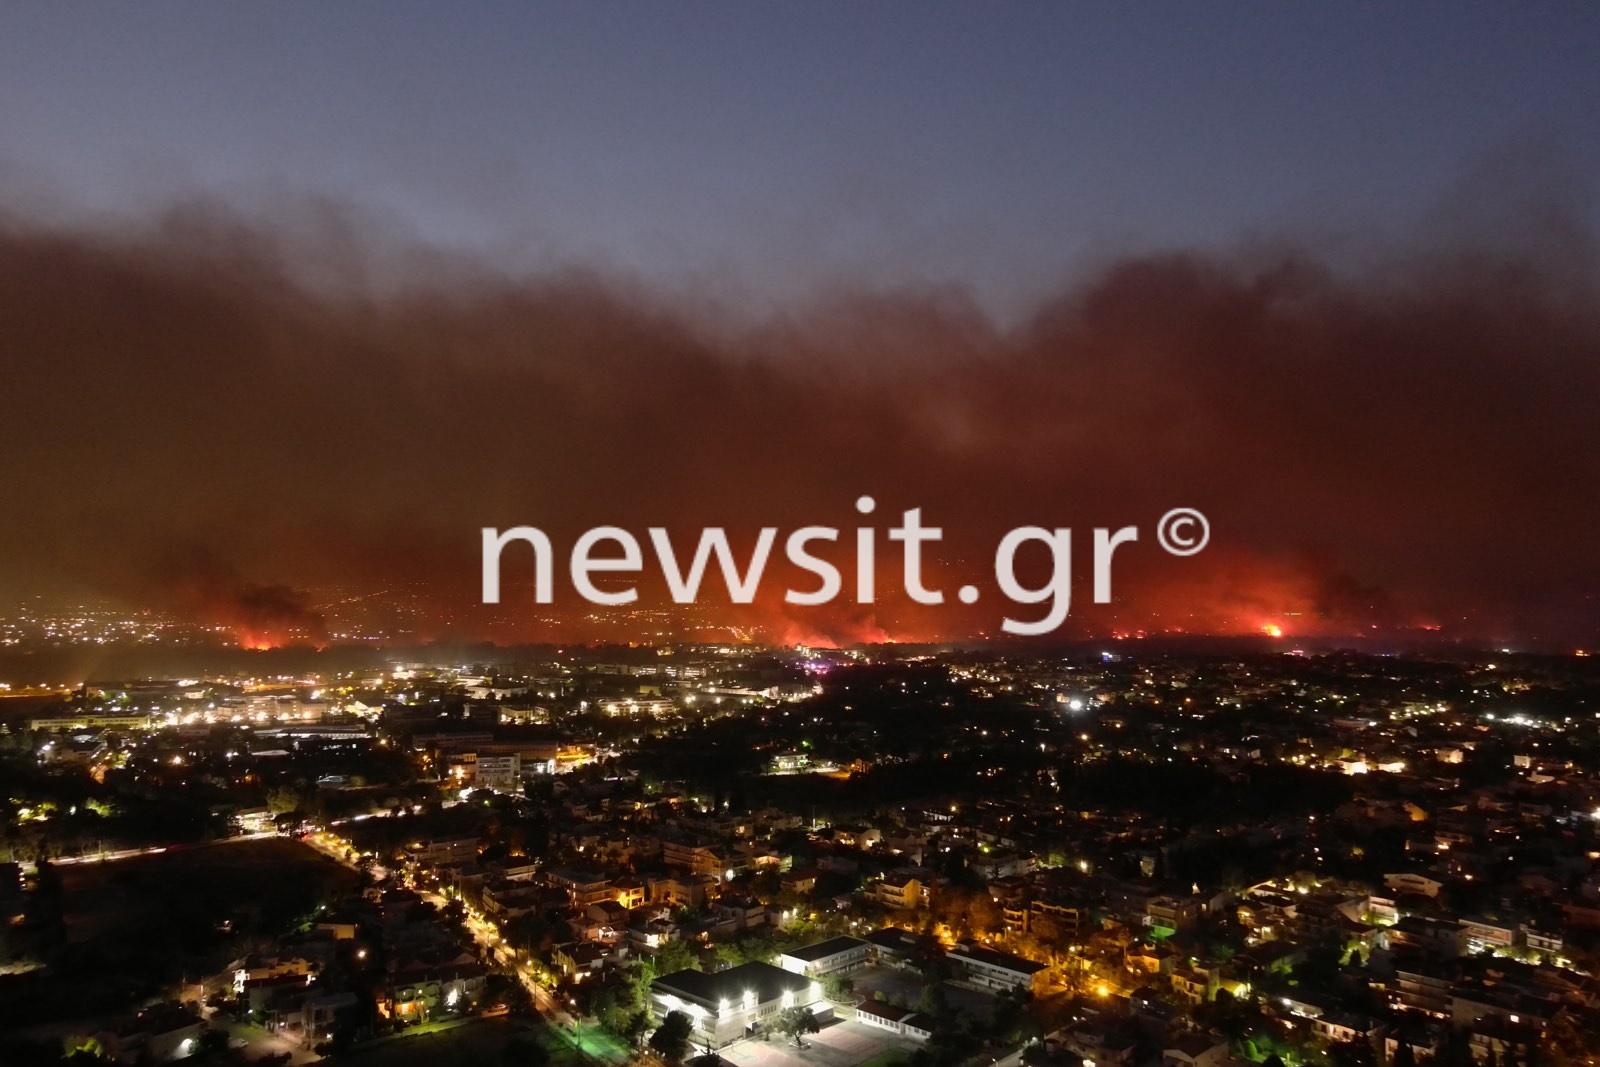 Η πύρινη κόλαση της Βαρυμπόμπης από ψηλά – Εικόνες από drone του newsit.gr